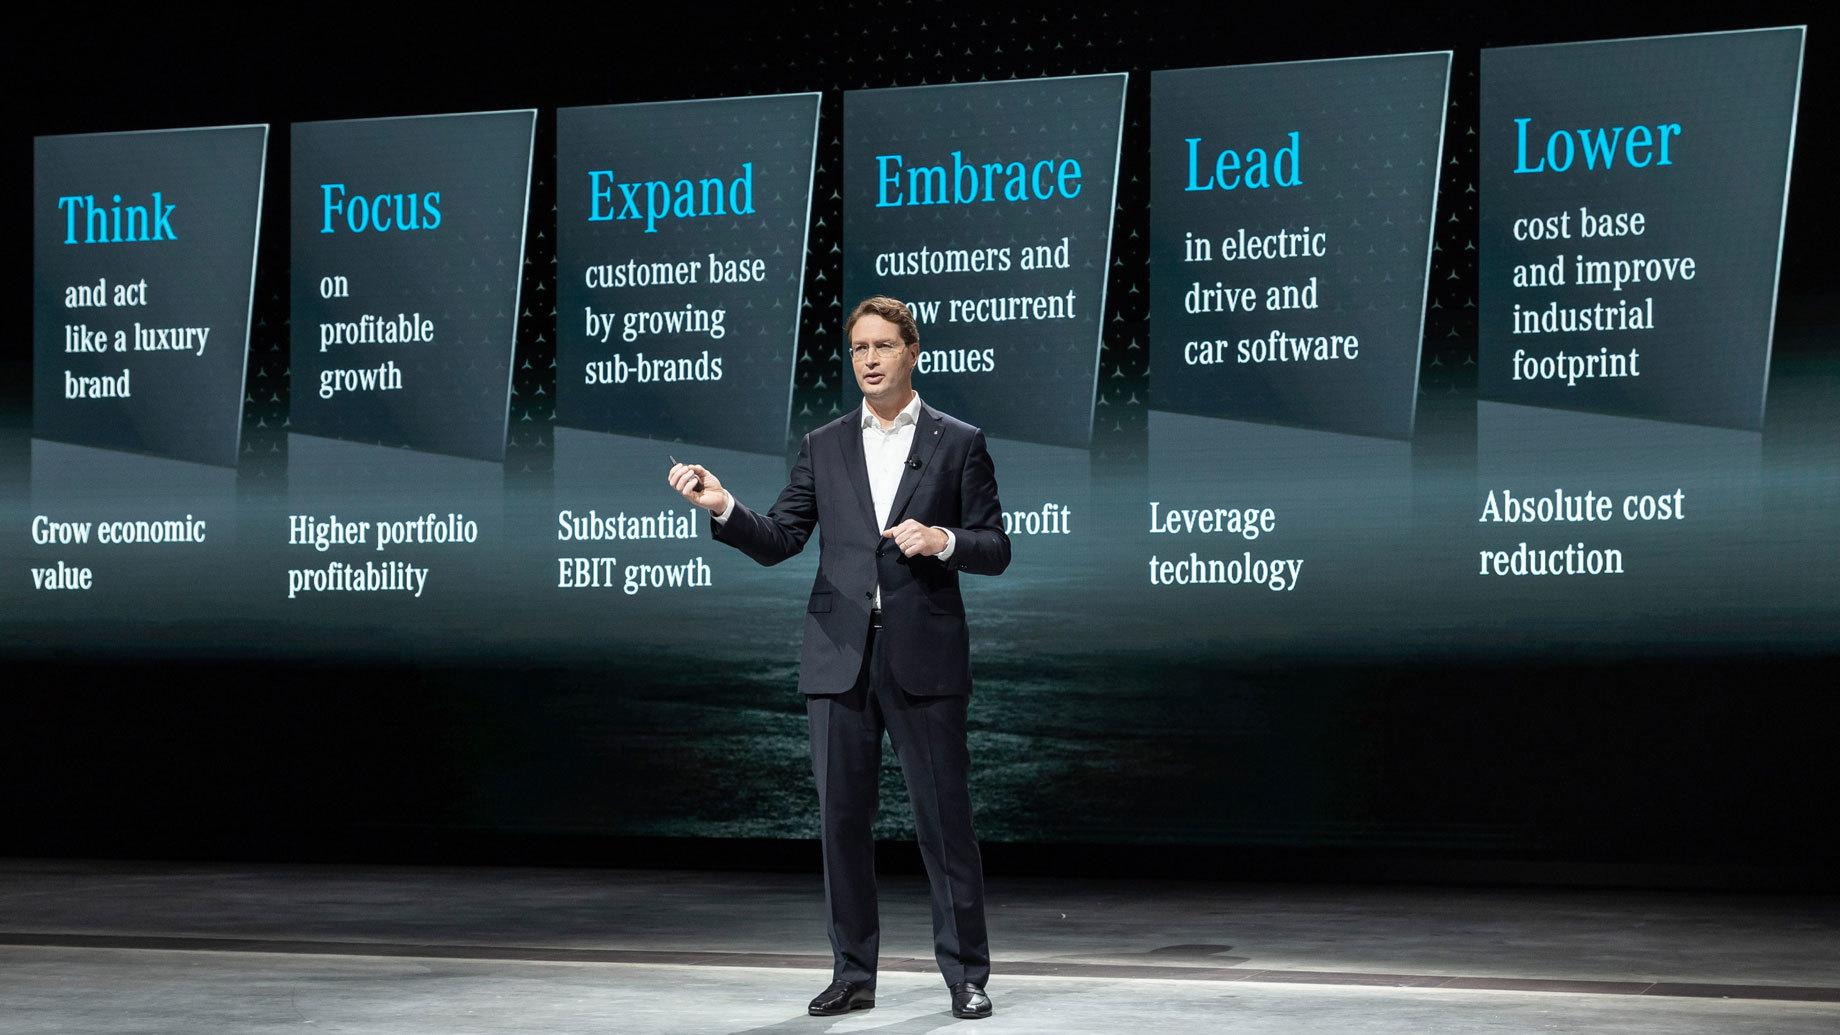 Mercedes-Benz презентовал обновлённую бизнес-стратегию